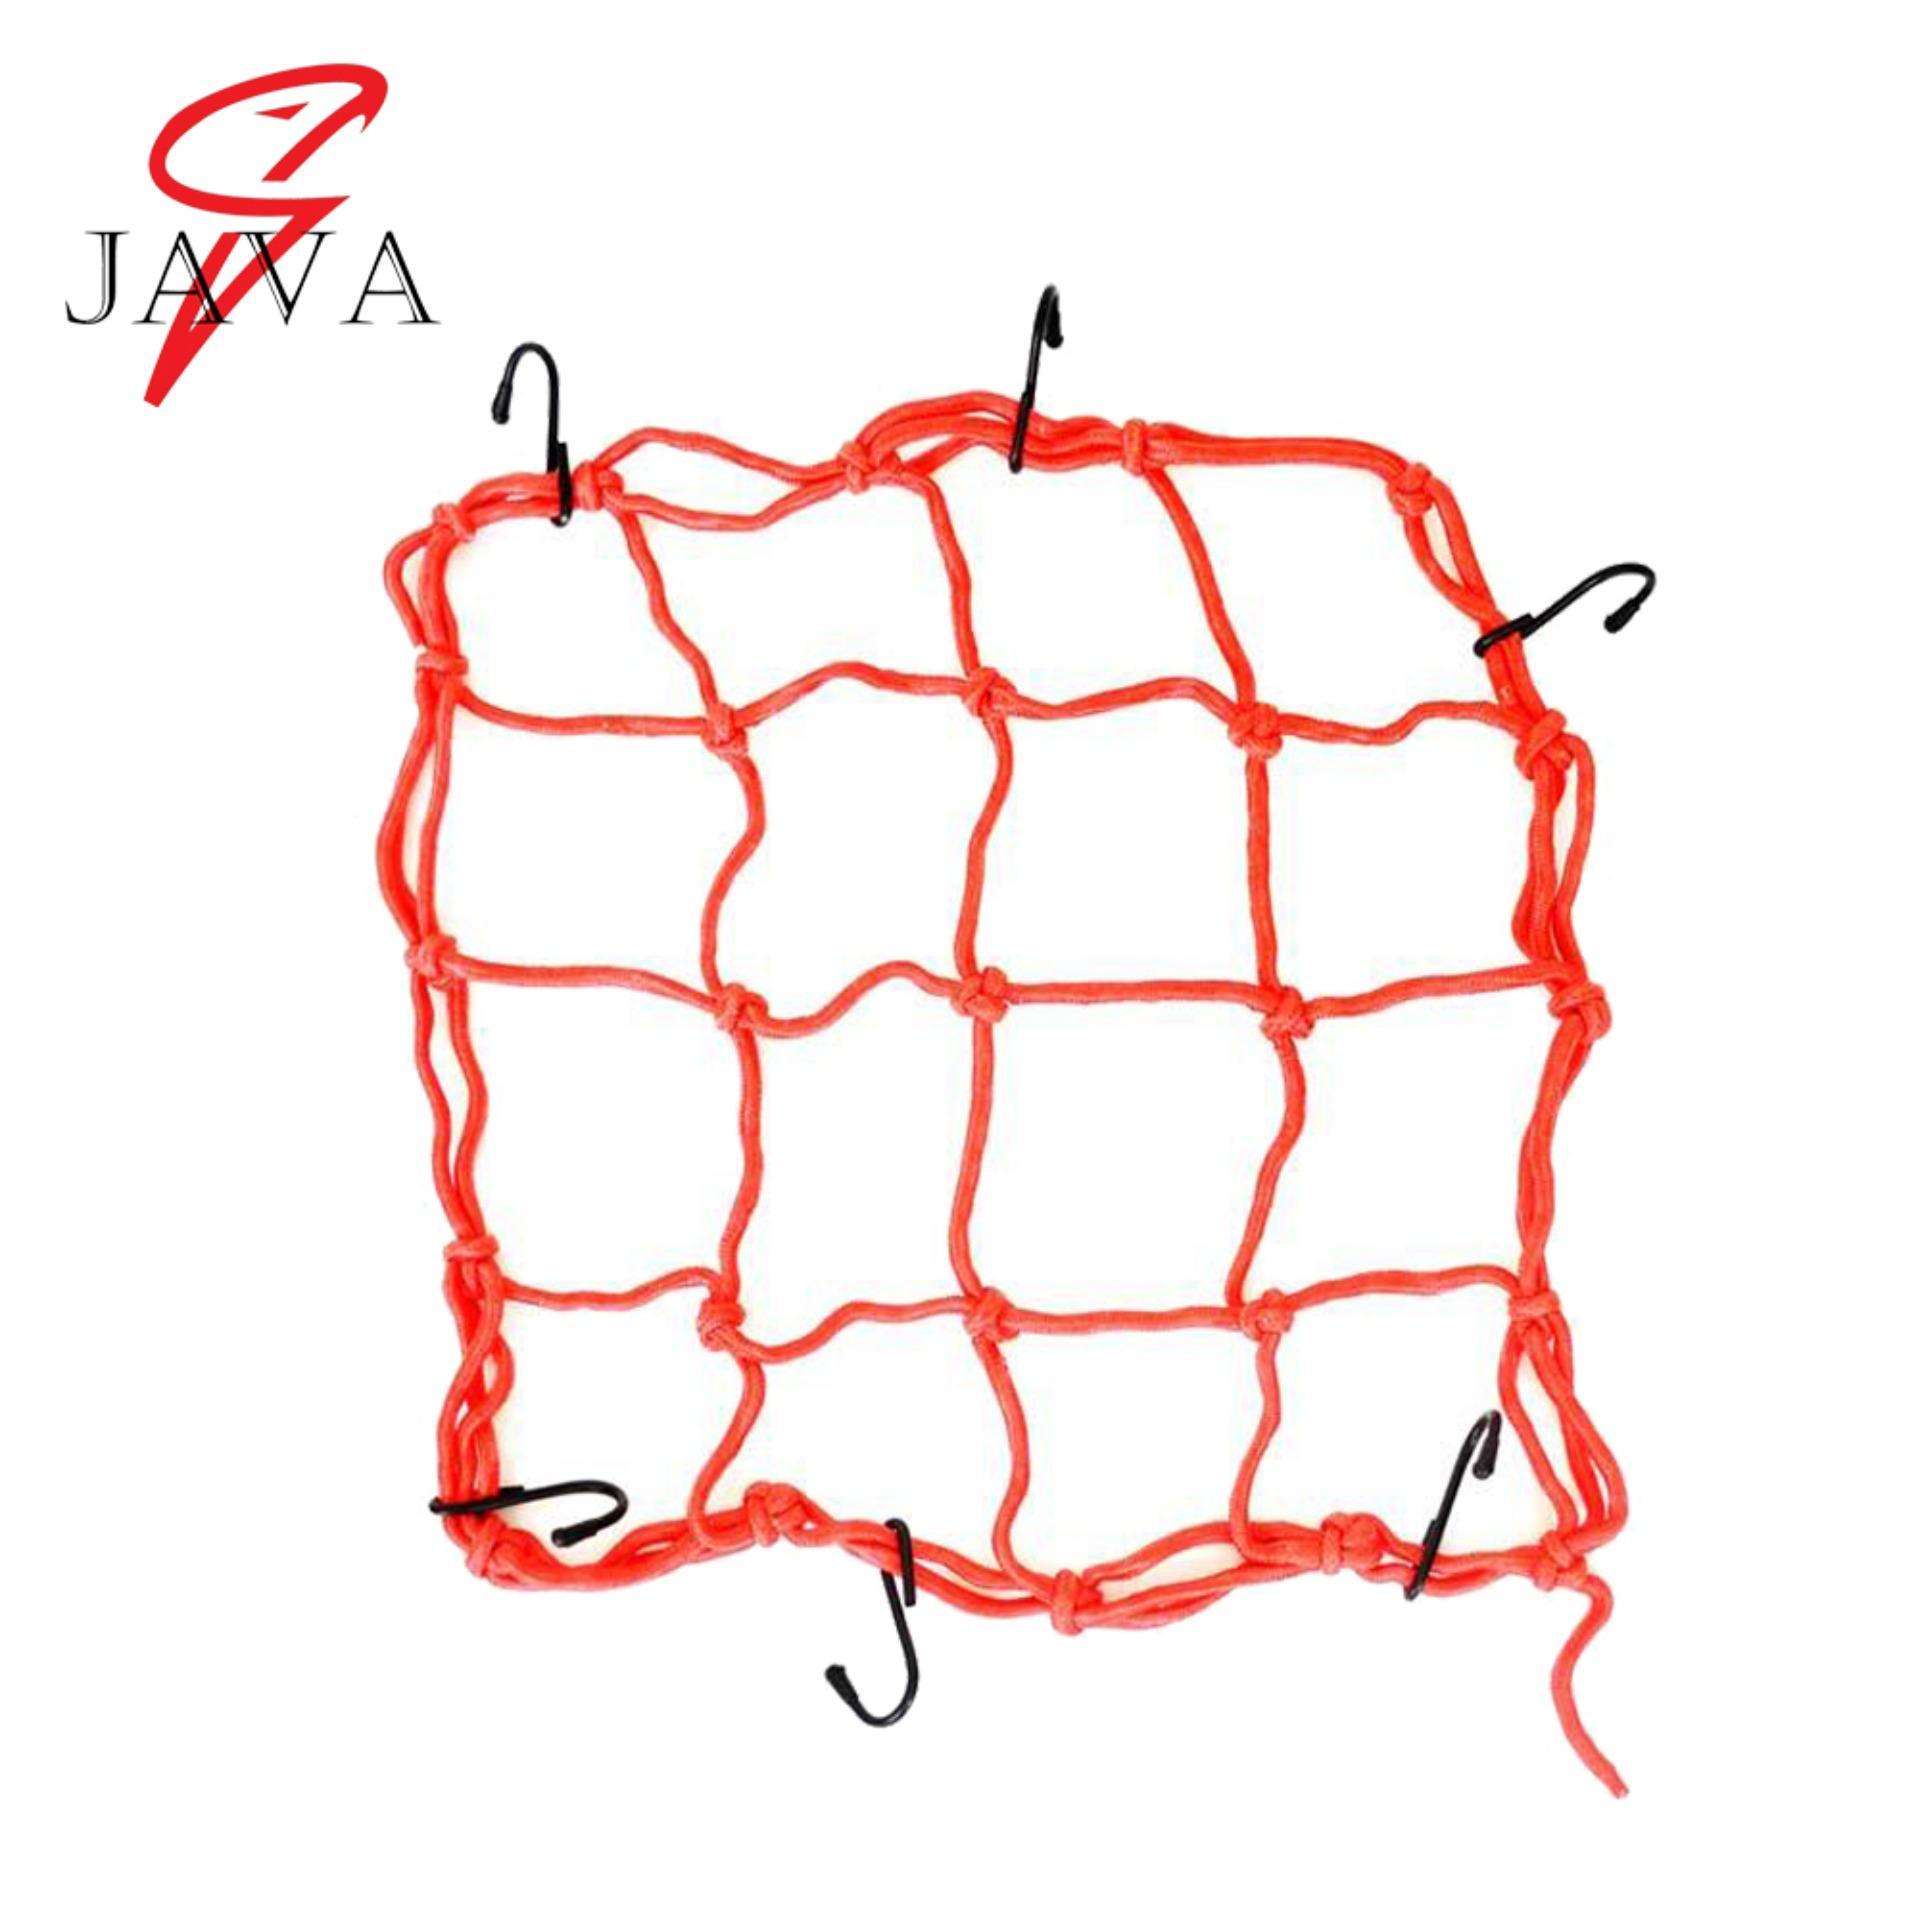 Eastjava - Jaring Helm / Jaring Barang Ukuran Besar